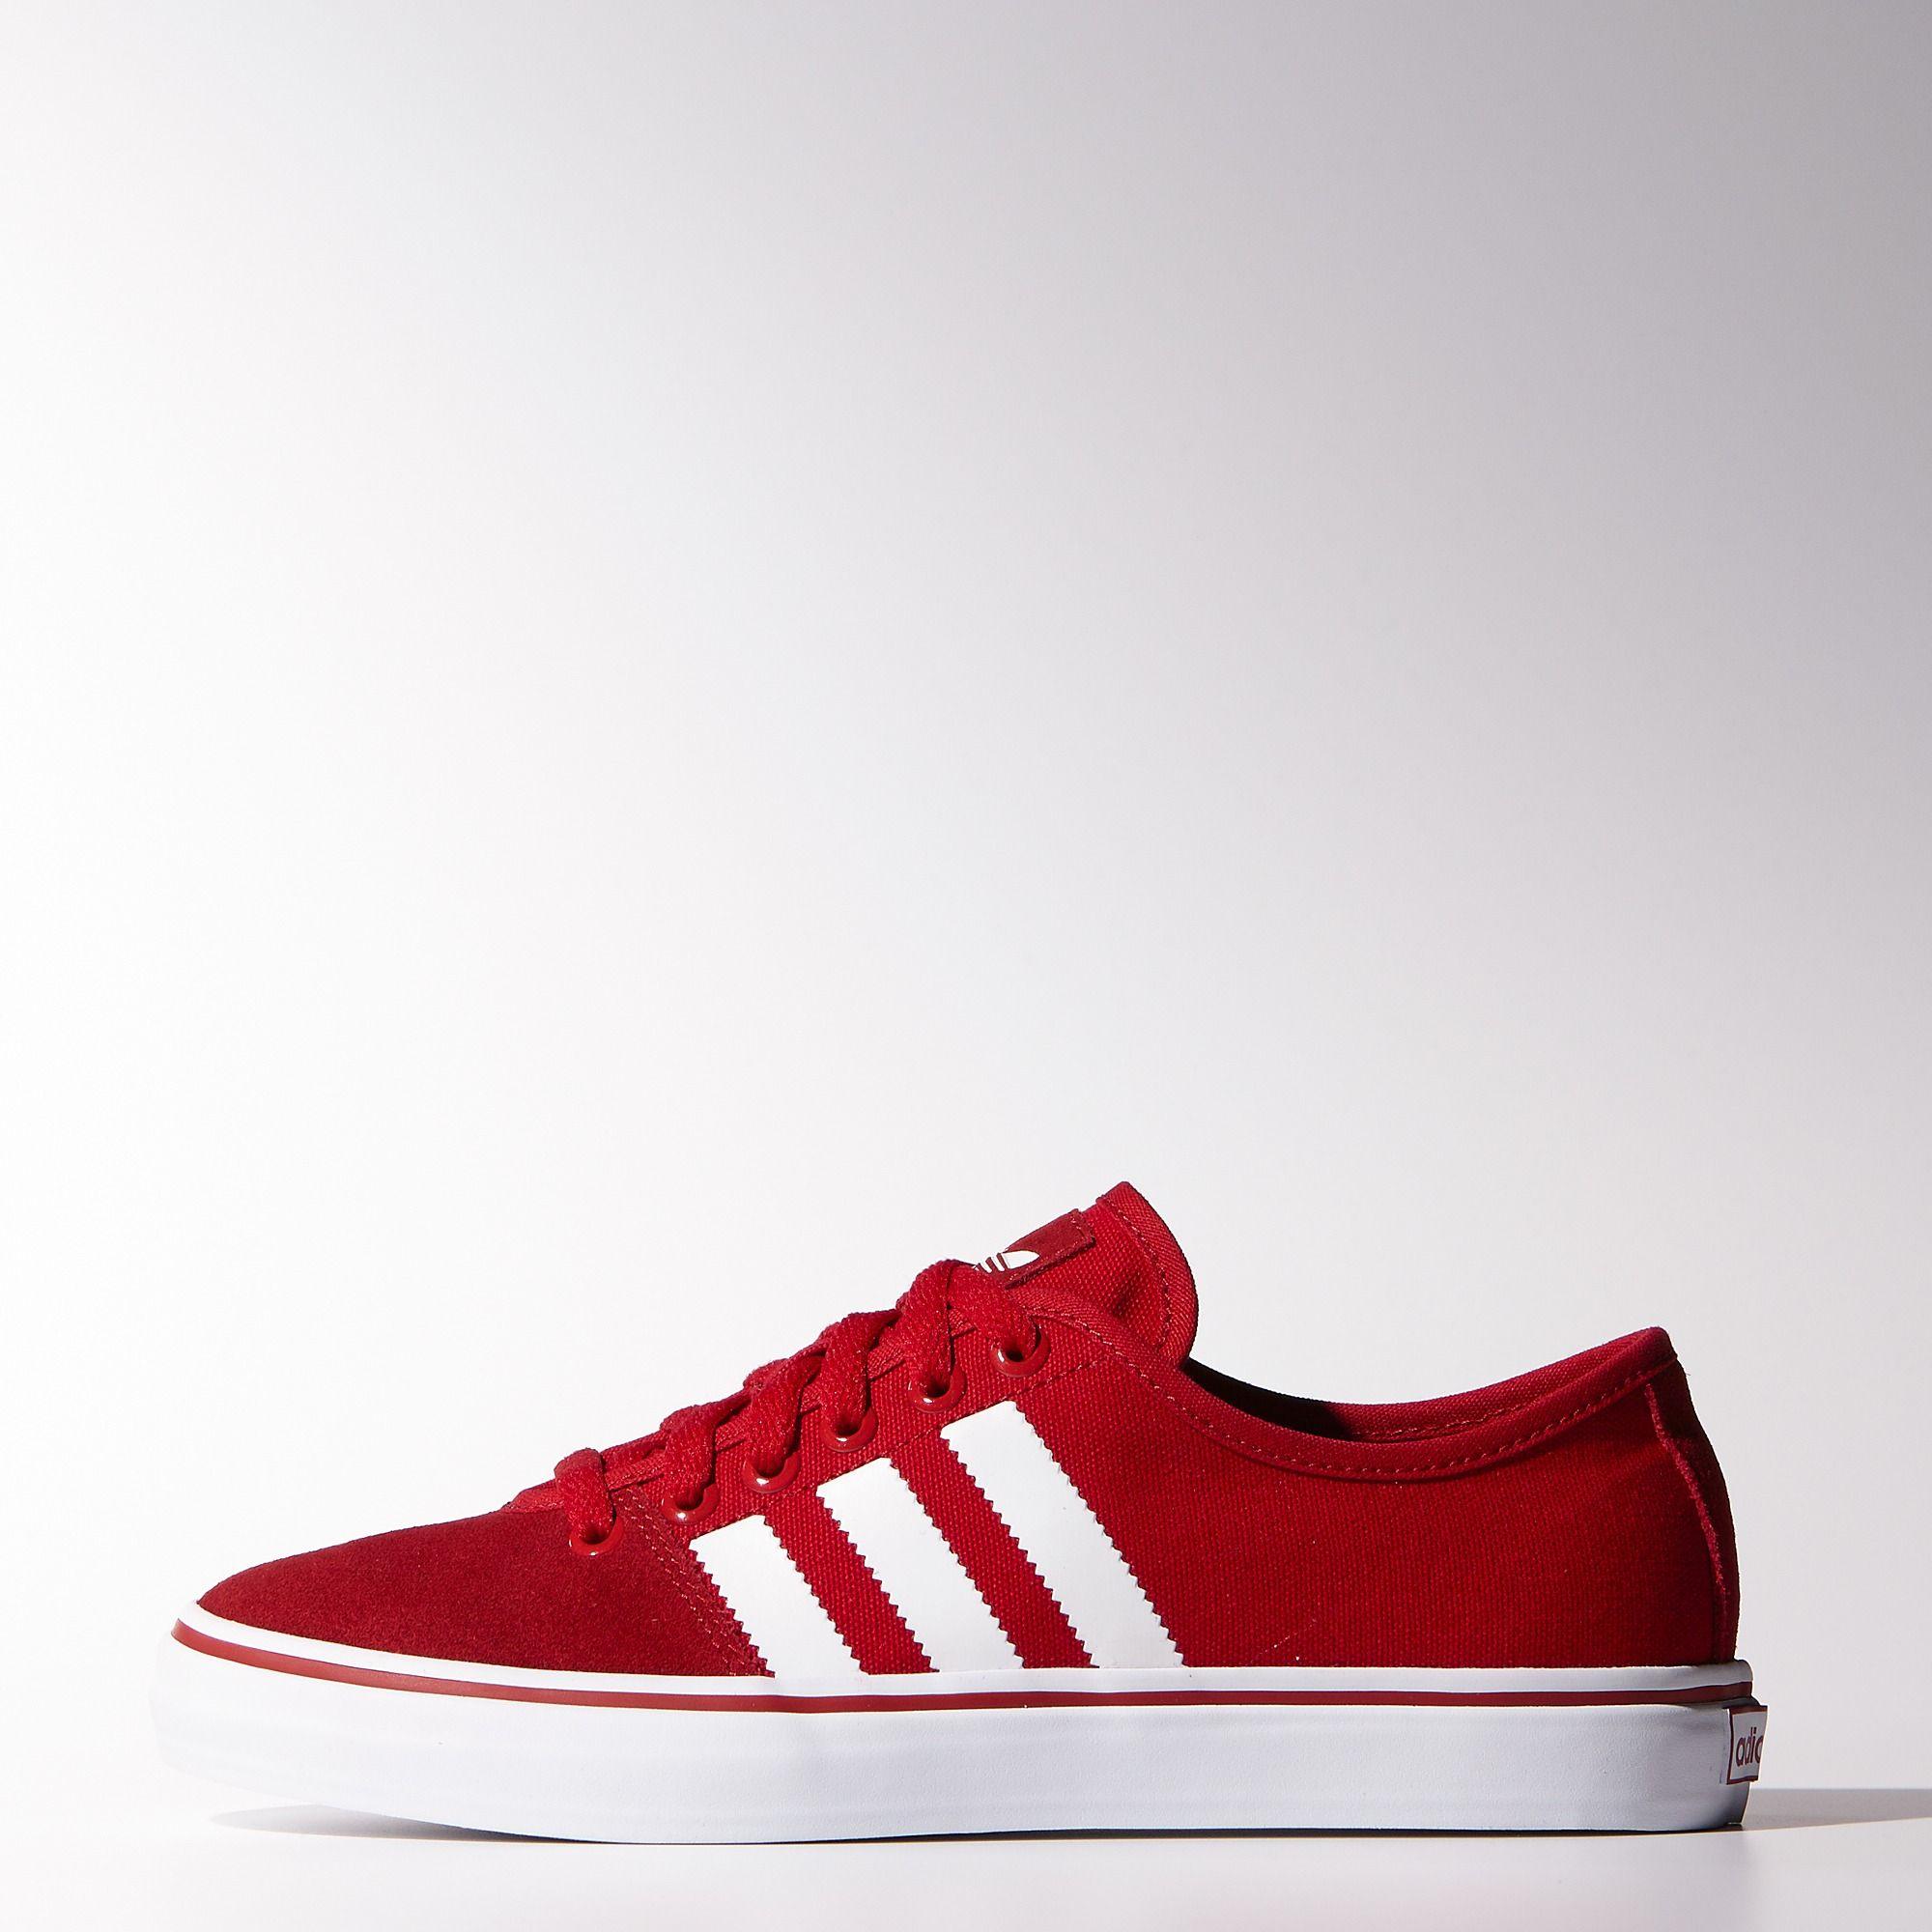 adidas Adria Super Hi Sleek Boots US 4.5, EU 35.5, UK 3, 21.7cm